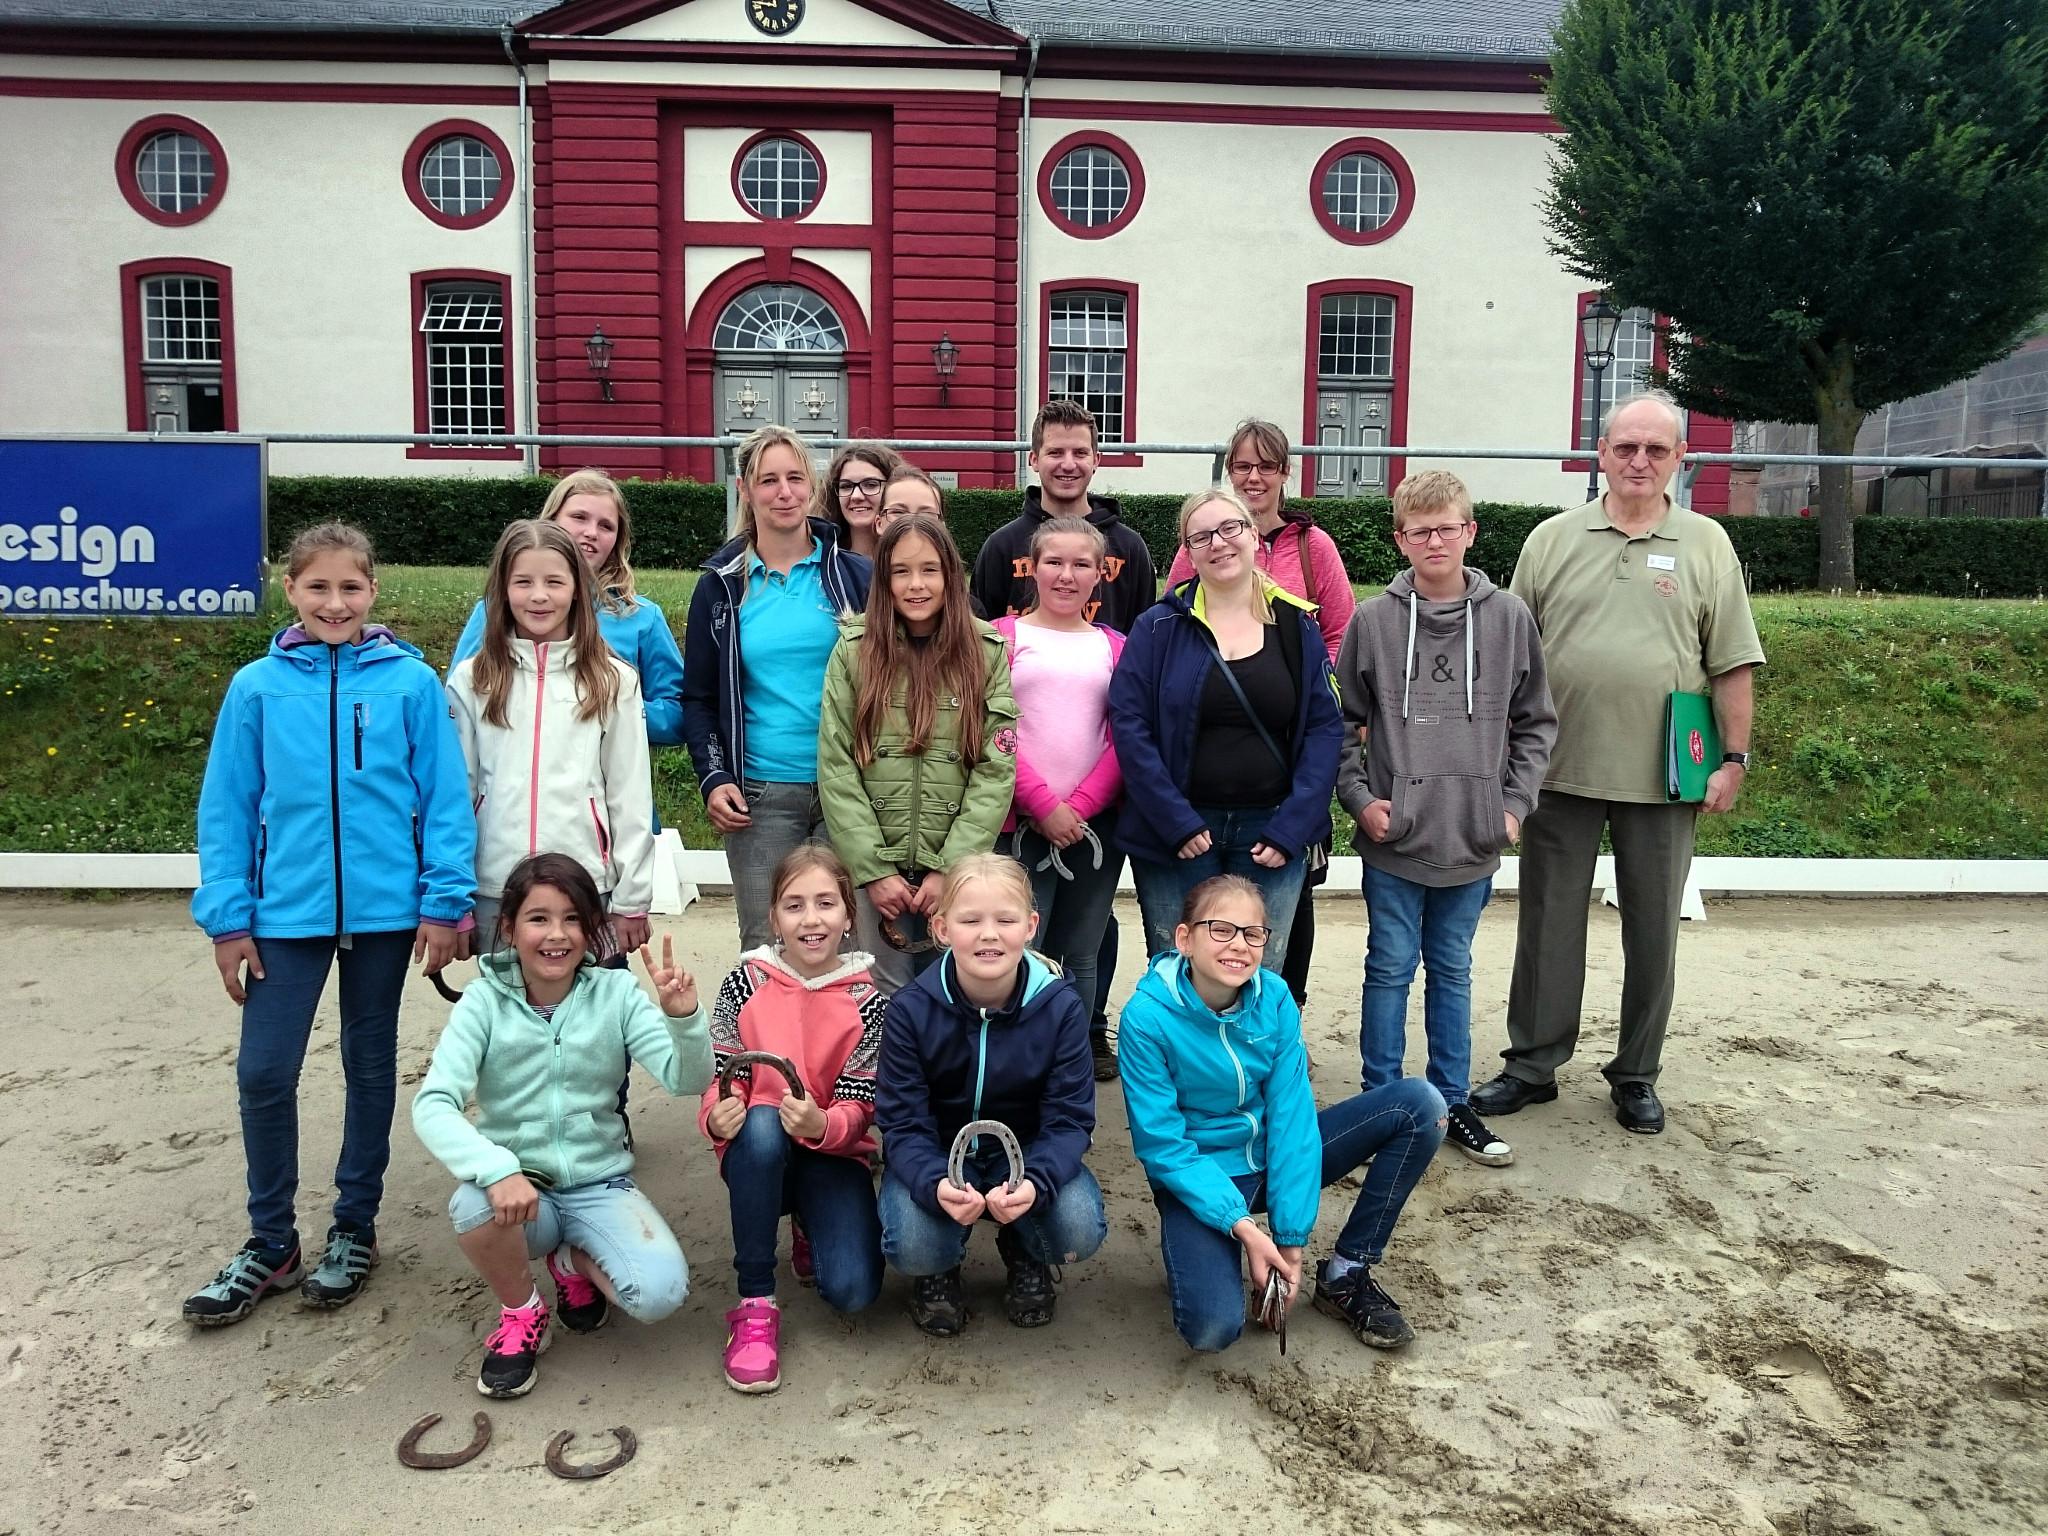 Die Teilnehmer der Ferienaktion vor dem Hessischen Landgestüt in Dillenburg.